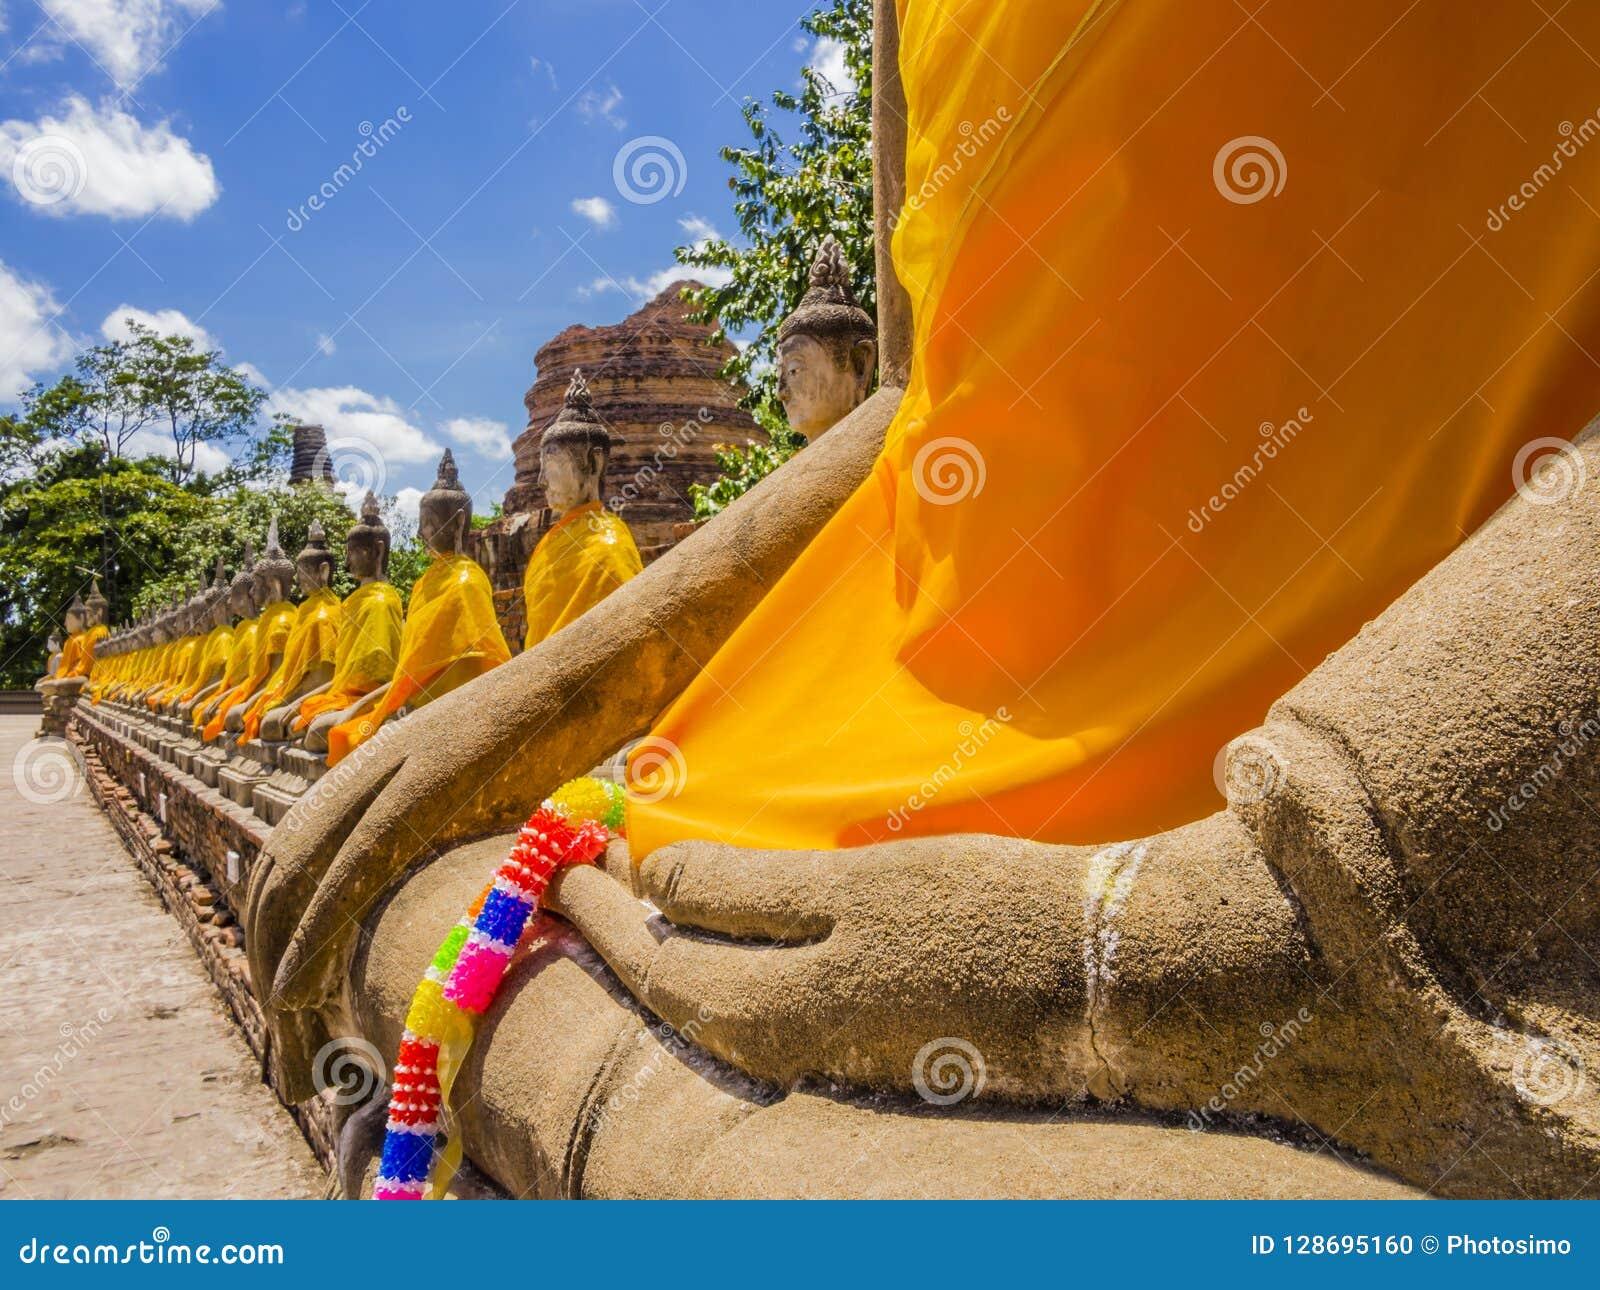 Thailand, indrukwekkende rij van de standbeelden van Boedha met oranje robes in de oude Tempel van Ayutthaya